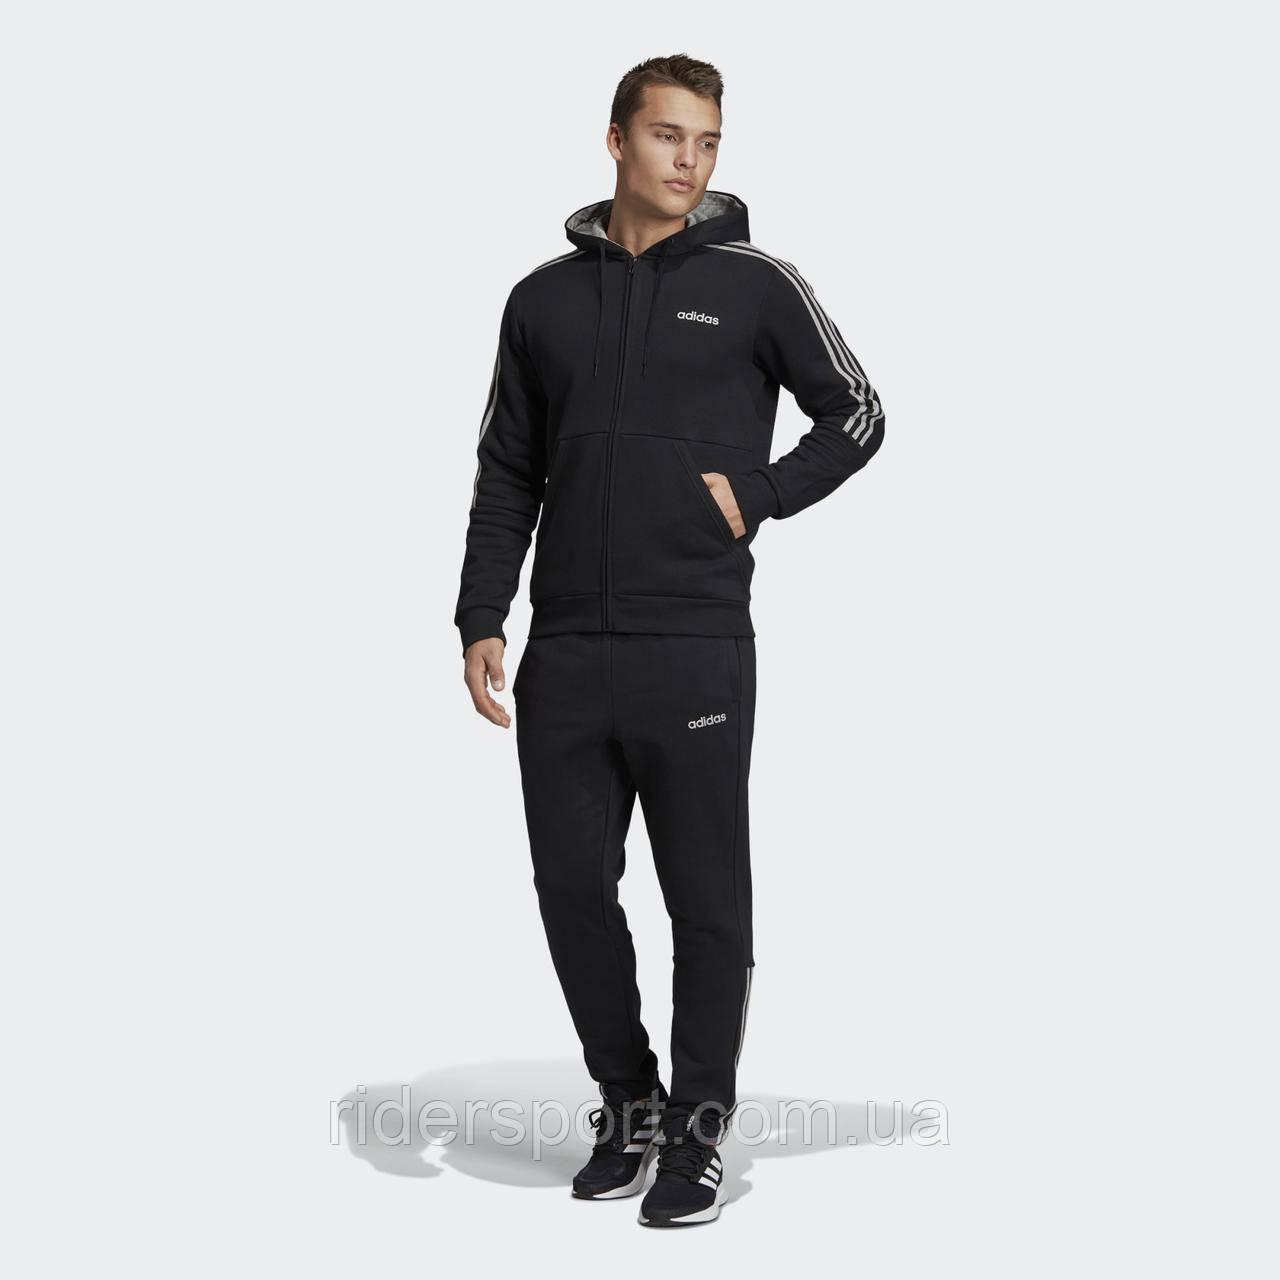 Cпортивный костюм Adidas Essentials EI6203